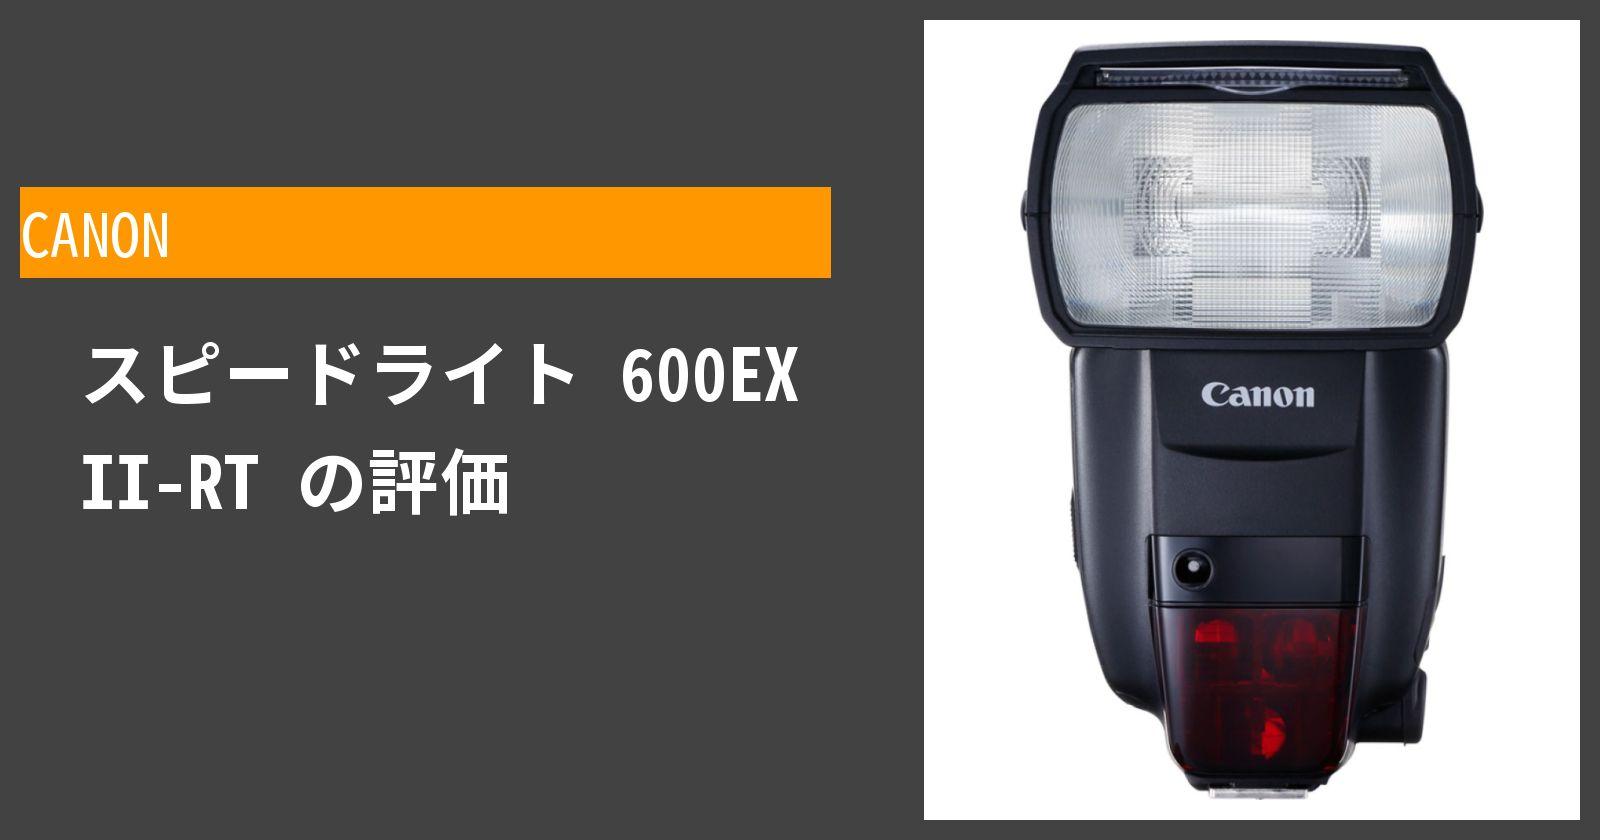 スピードライト 600EX II-RTを徹底評価